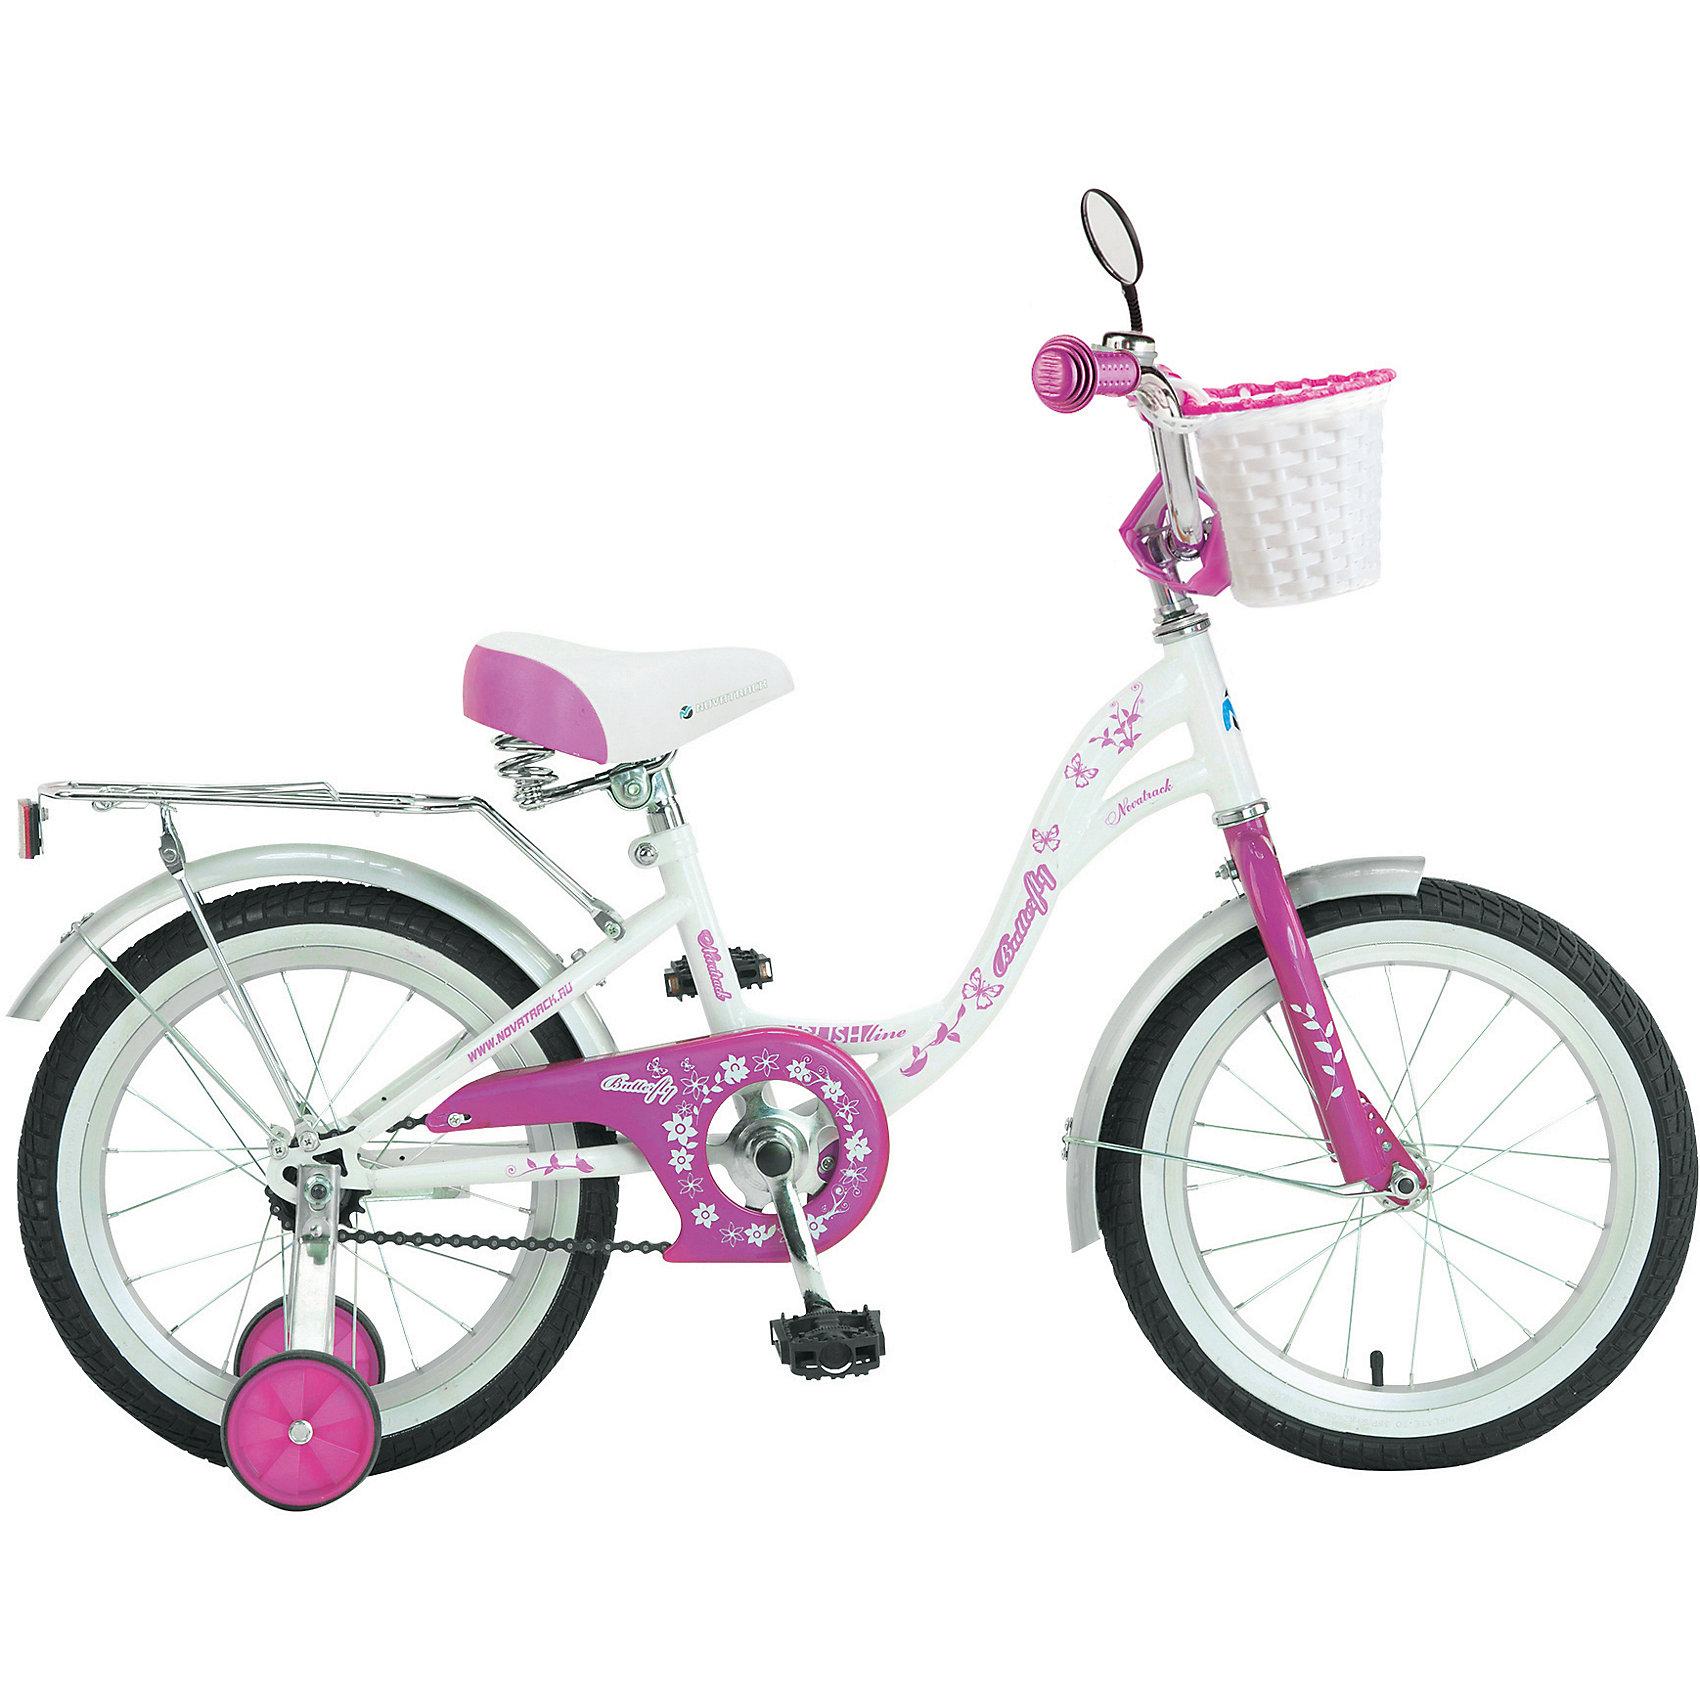 Велосипед BUTTERFLY, бело-розовый, 16 дюймов, NovatrackВелосипеды детские<br>Велосипед Novatrack Butterfly 16это велосипед для юных принцесс 5-7 лет. Эта модель оснащена всем необходимым, для того, чтобы ребенок мог отправиться в увлекательное путешествие. Во-первых, на руле имеется зеркальце. А как без него юной леди Ей же нужно быть уверенной в том, что бантик на голове смотрится отлично Во-вторых, там же установлен великолепный гудок в стиле ретро, при помощи которого маленькая велосипедистка сможет вовремя сообщить зазевавшимся карапузам, что она тут катается. В-третьих, впереди прикреплена вместительная корзинка, куда можно сложить все необходимое. Для устойчивости конструкции к заднему колесу добавлены еще 2 маленьких съемных колесикаупасть с такого велосипеда практически невозможно даже на крутом вираже. Сиденье и руль легко регулируются по высоте и надежно фиксируются. Для безопасности также установлена защита цепи, а на колесах имеются крылья и катафоты. Велосипед оборудованзадним ножным тормозом, позволяющими при необходимости мгновенно остановиться.<br><br>Велосипед BUTTERFLY, бело-розовый, 16 дюймов, Novatrack можно купить в нашем интернет-магазине.<br><br>Ширина мм: 900<br>Глубина мм: 180<br>Высота мм: 420<br>Вес г: 12000<br>Возраст от месяцев: 60<br>Возраст до месяцев: 84<br>Пол: Женский<br>Возраст: Детский<br>SKU: 5613212